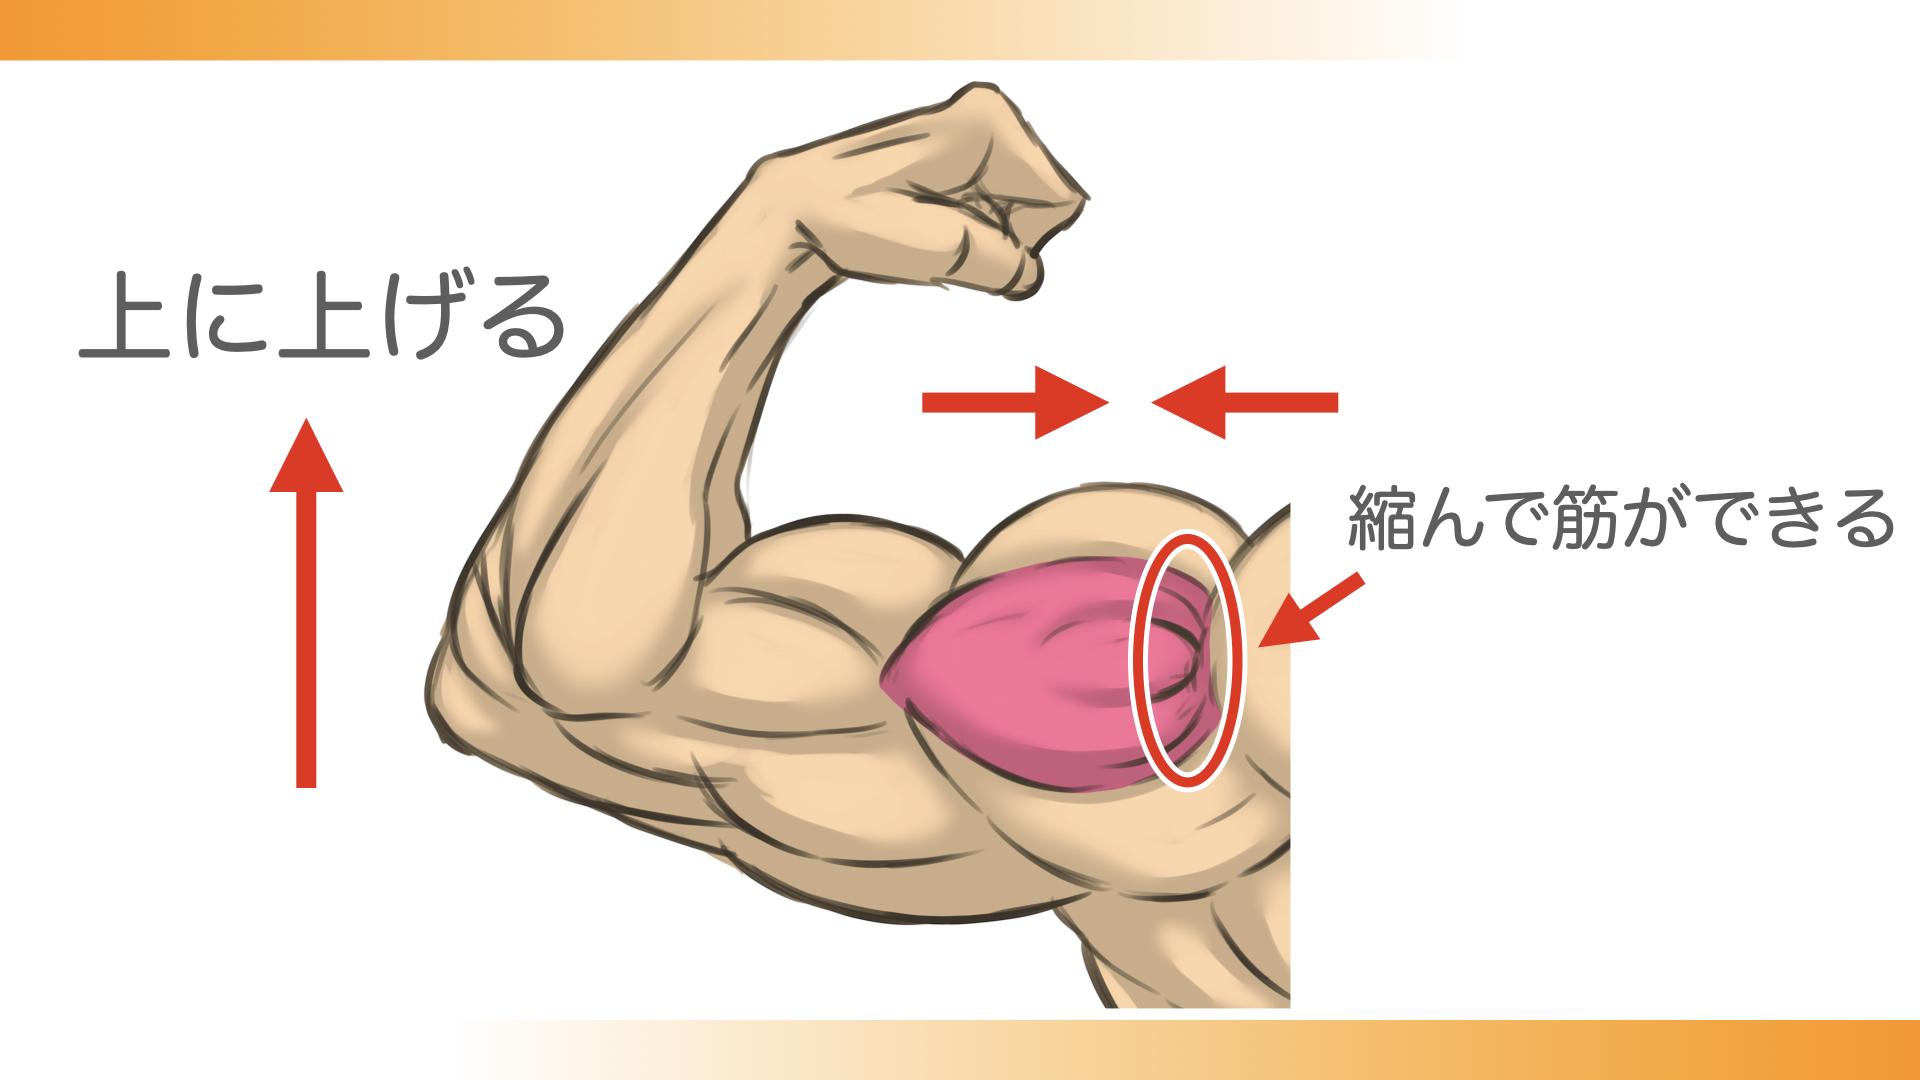 腕を上げると、三角筋中部が縮んで、肩峰側に筋ができる